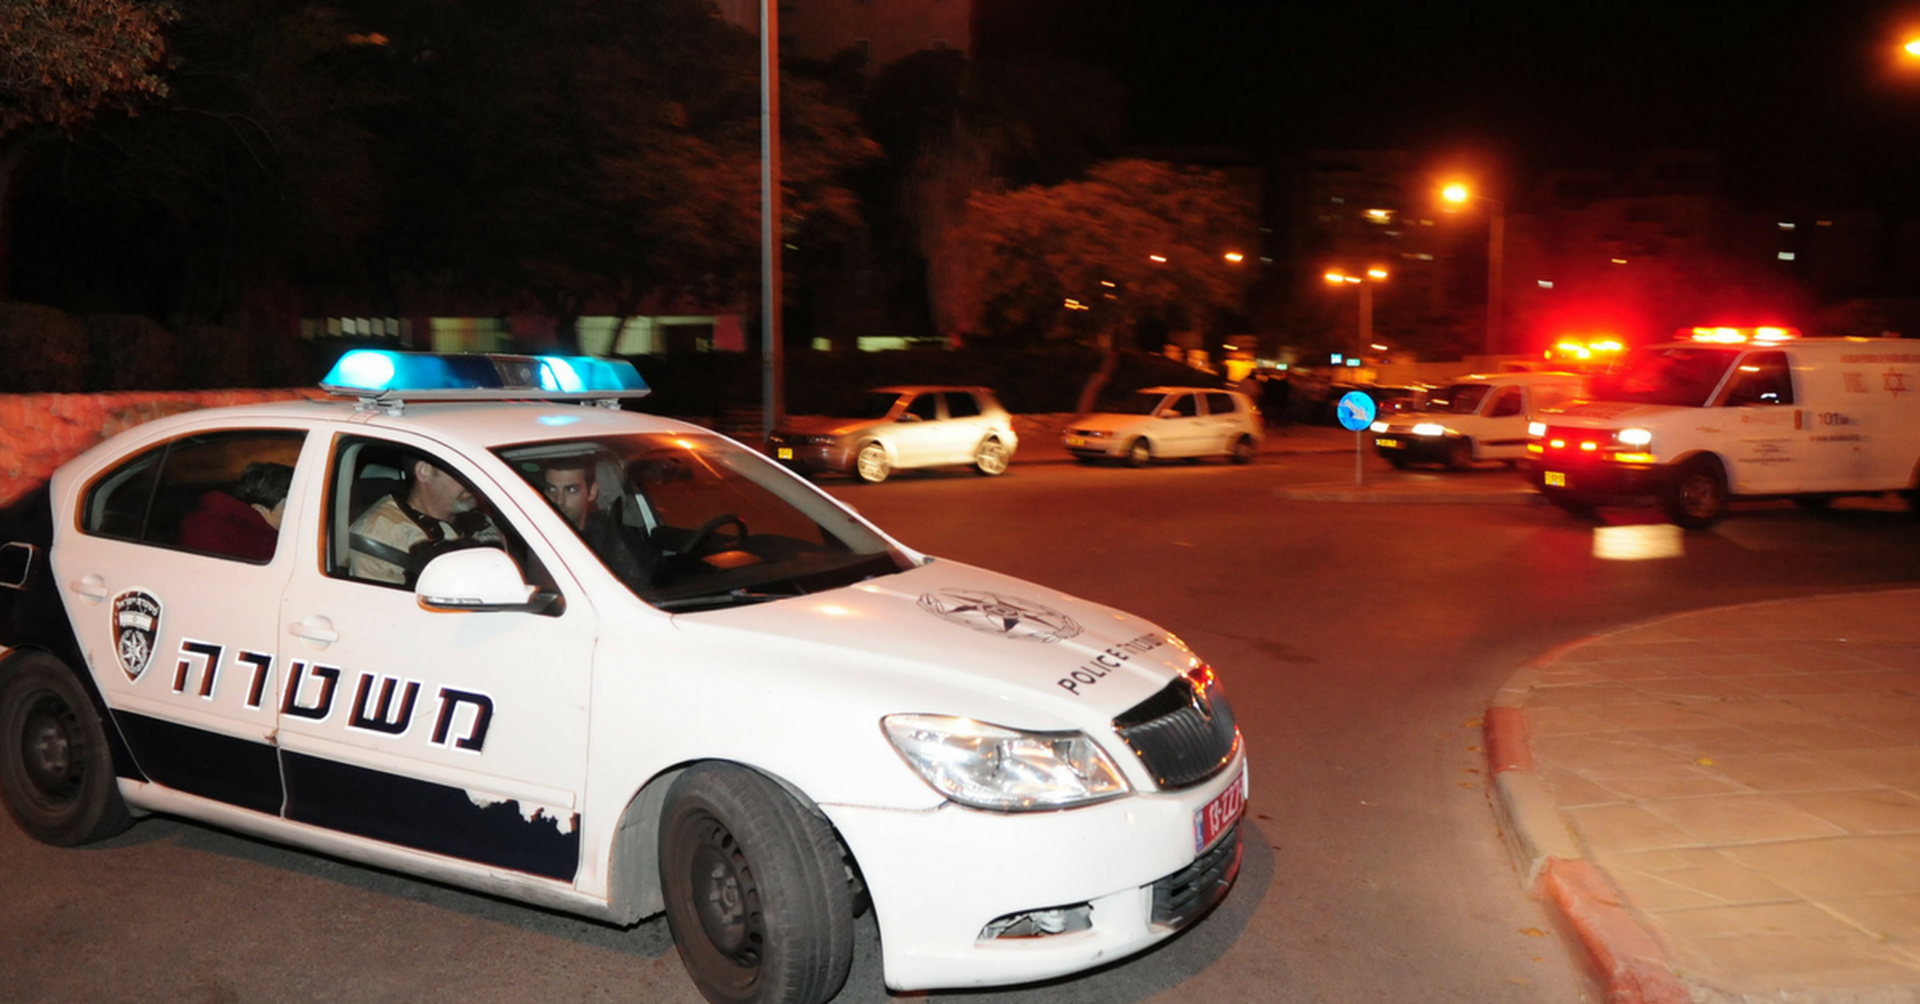 ניידת משטרה, לילה. צילום: הרצל יוסף